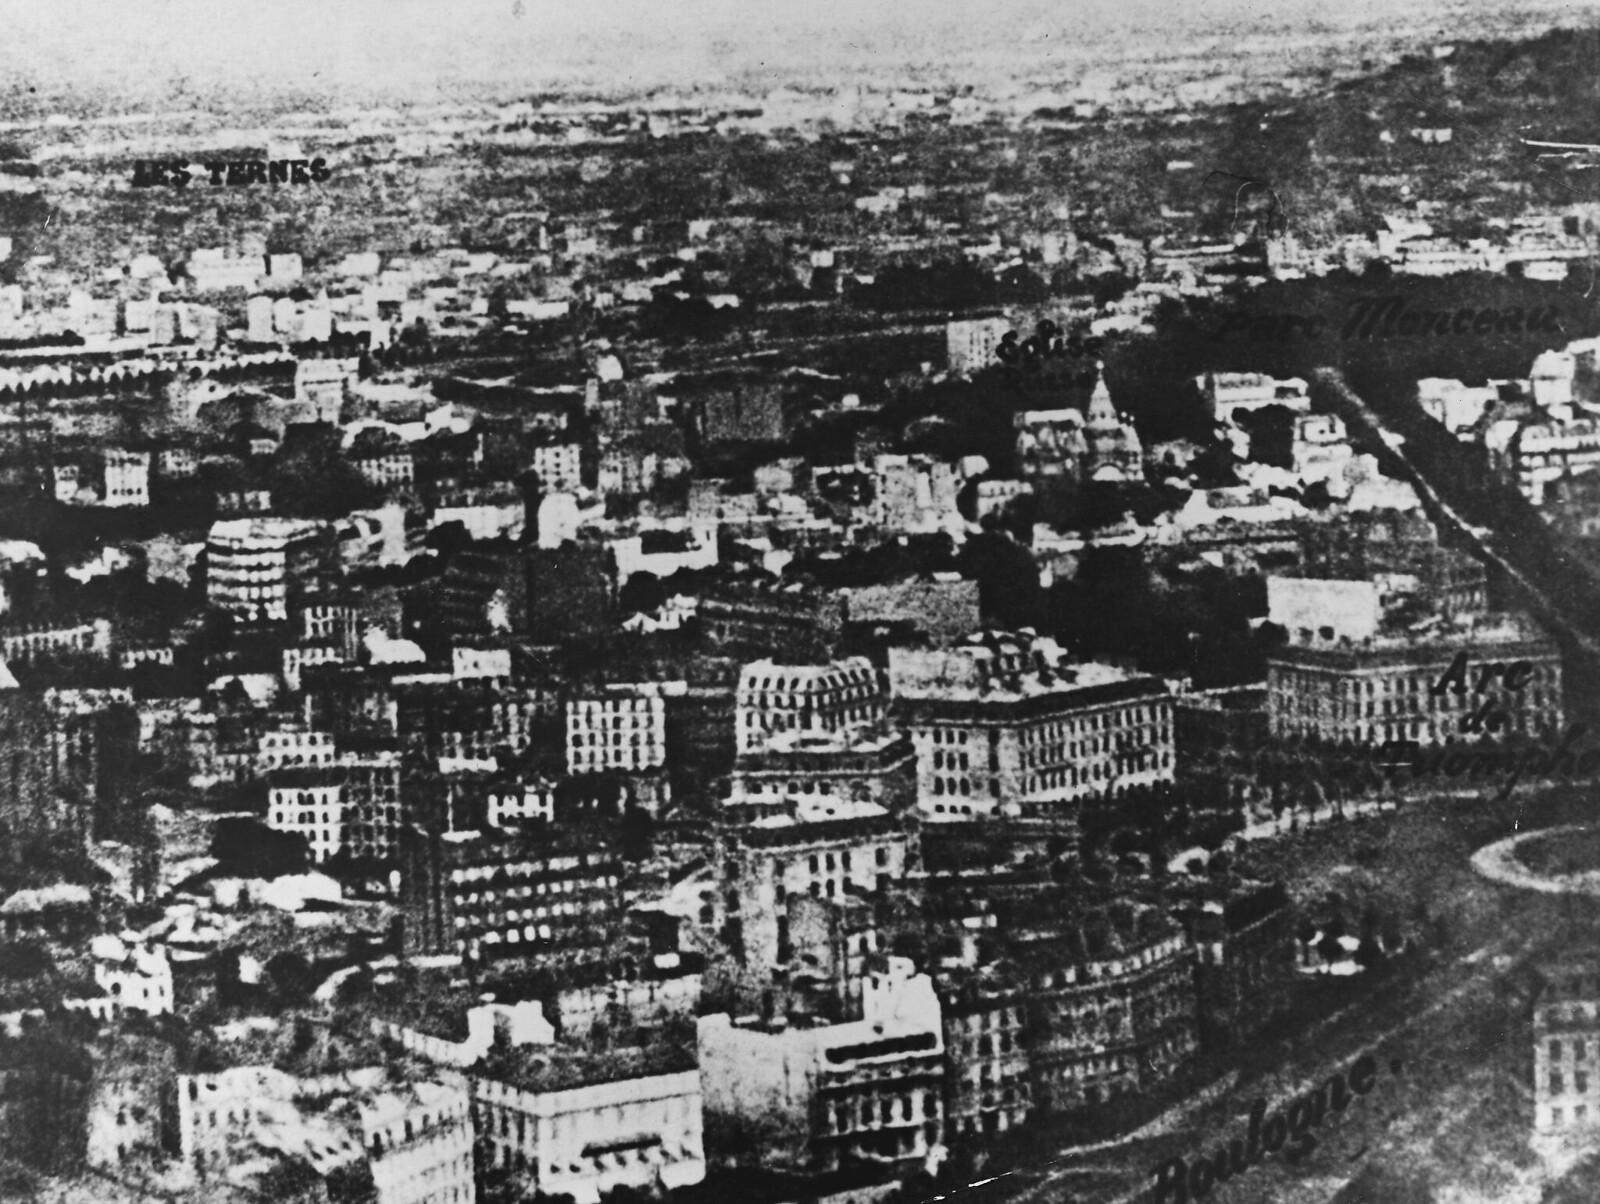 1858. Вид с воздуха на Париж с высоты 520 м, сфотографированный Надаром